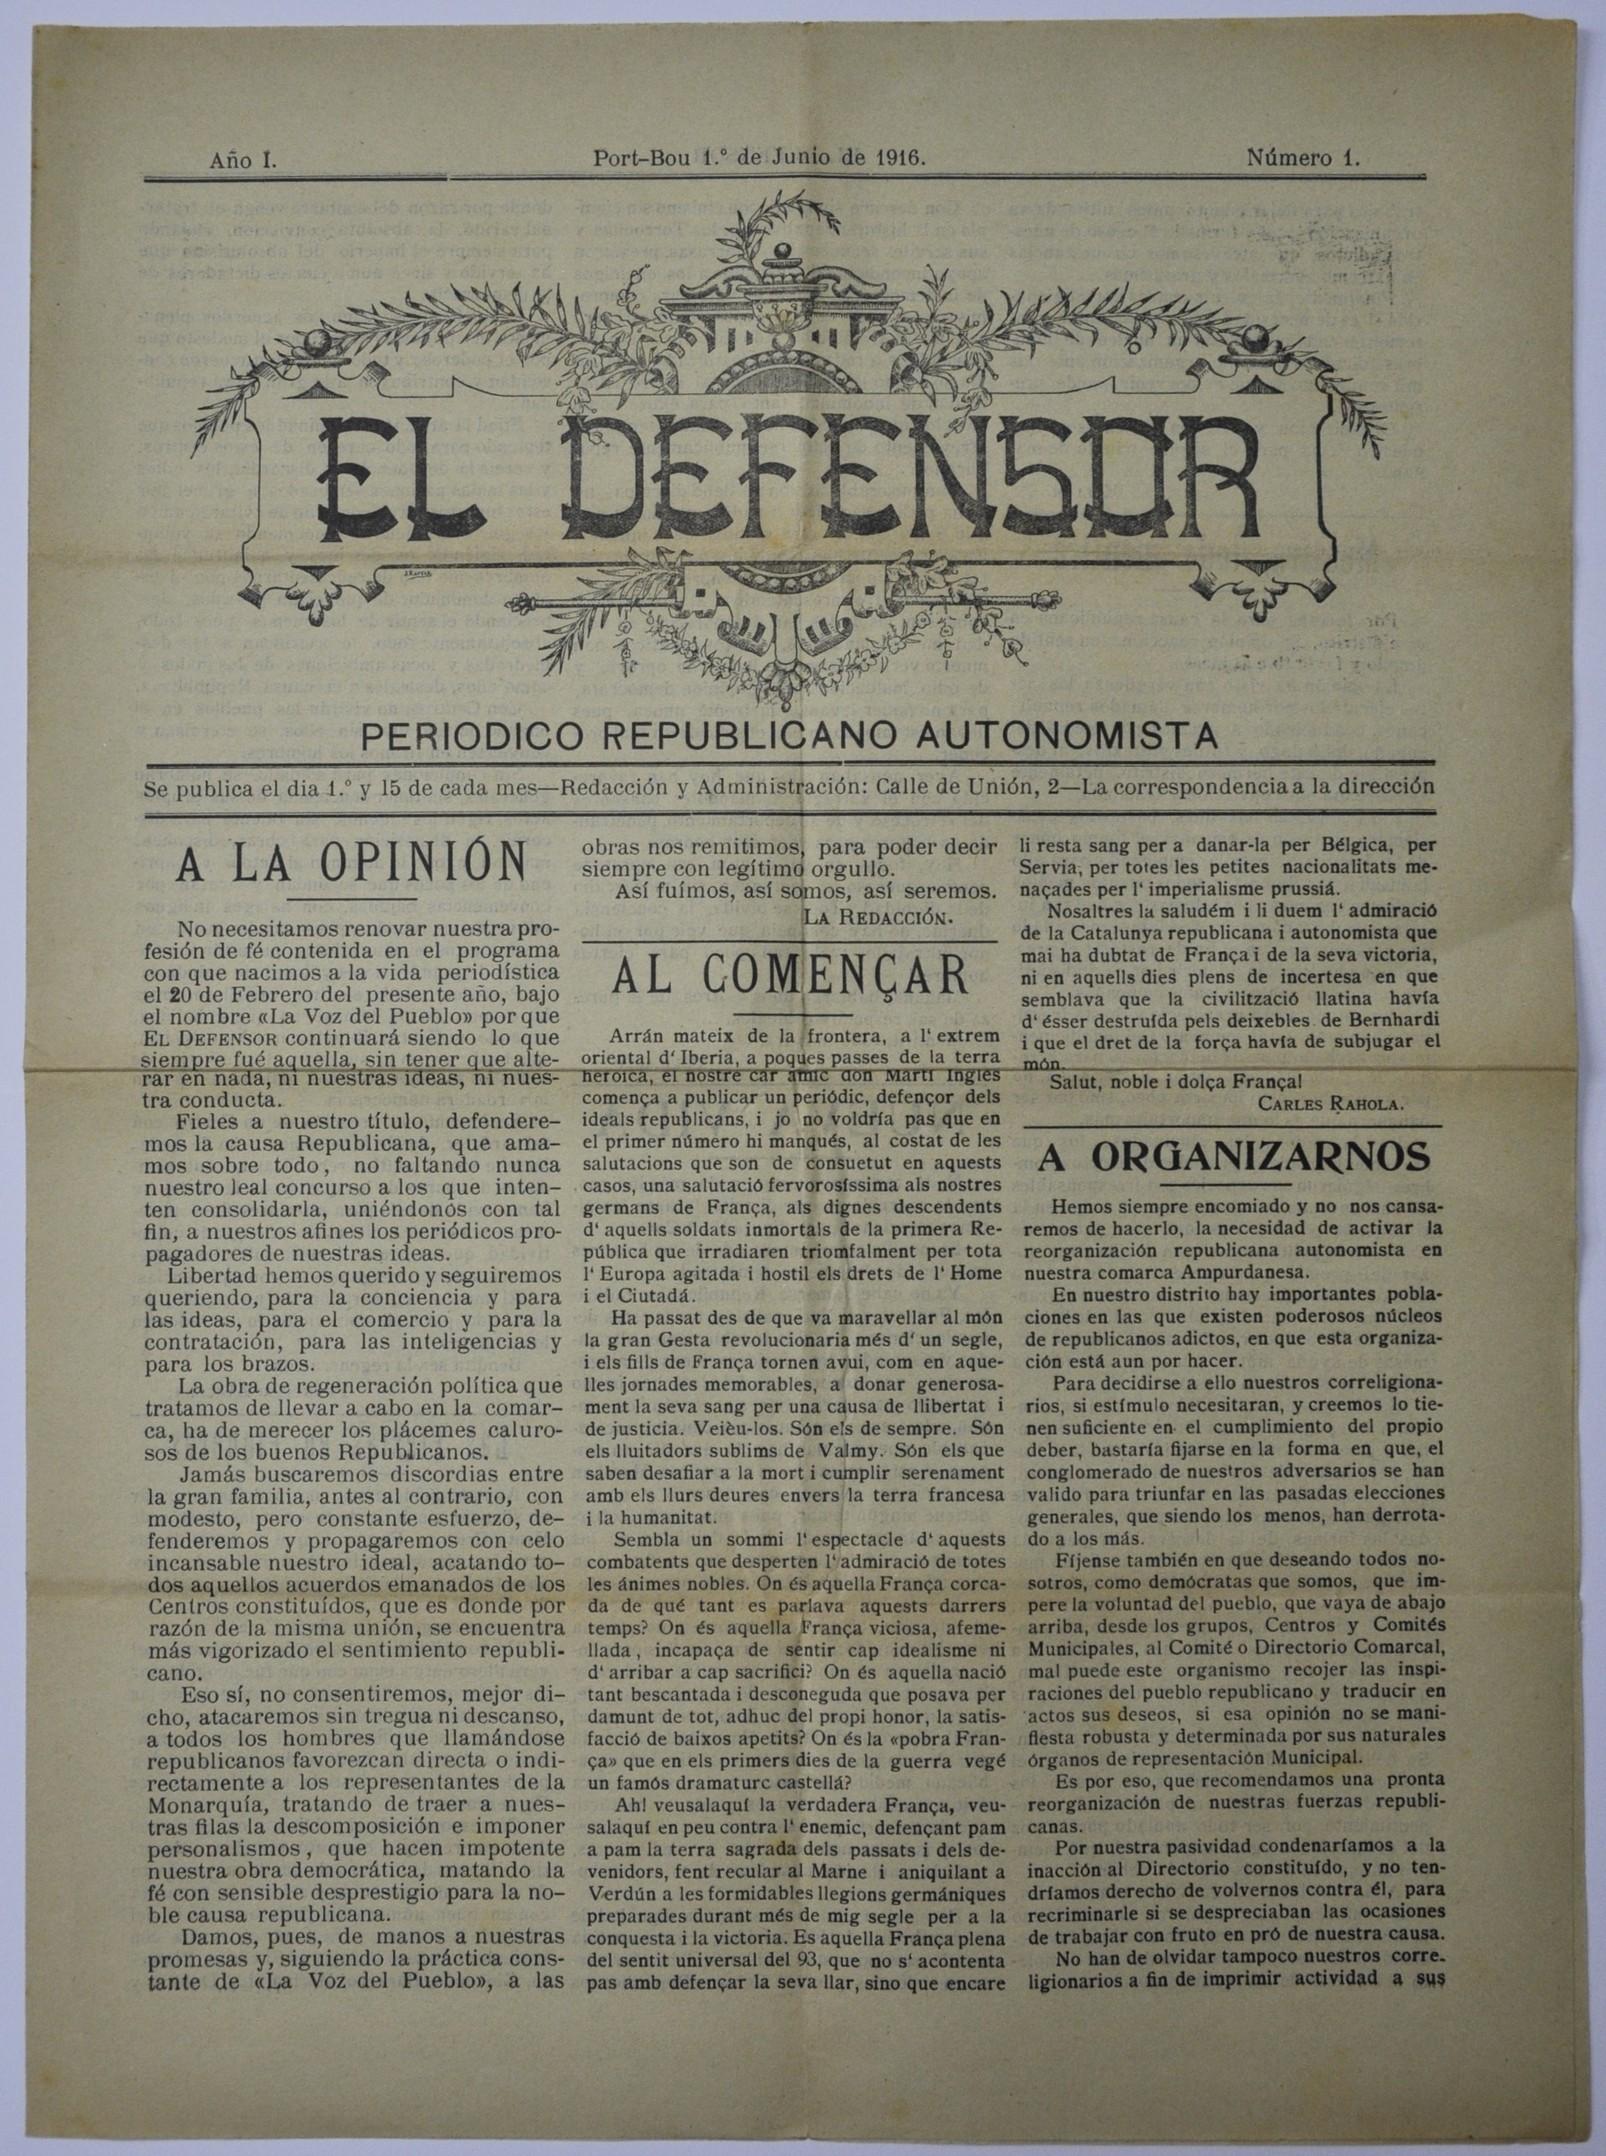 L'Arxiu Municipal de Roses presenta l'únic exemplar del periòdic portbouenc El Defensor, publicat l'any 1916